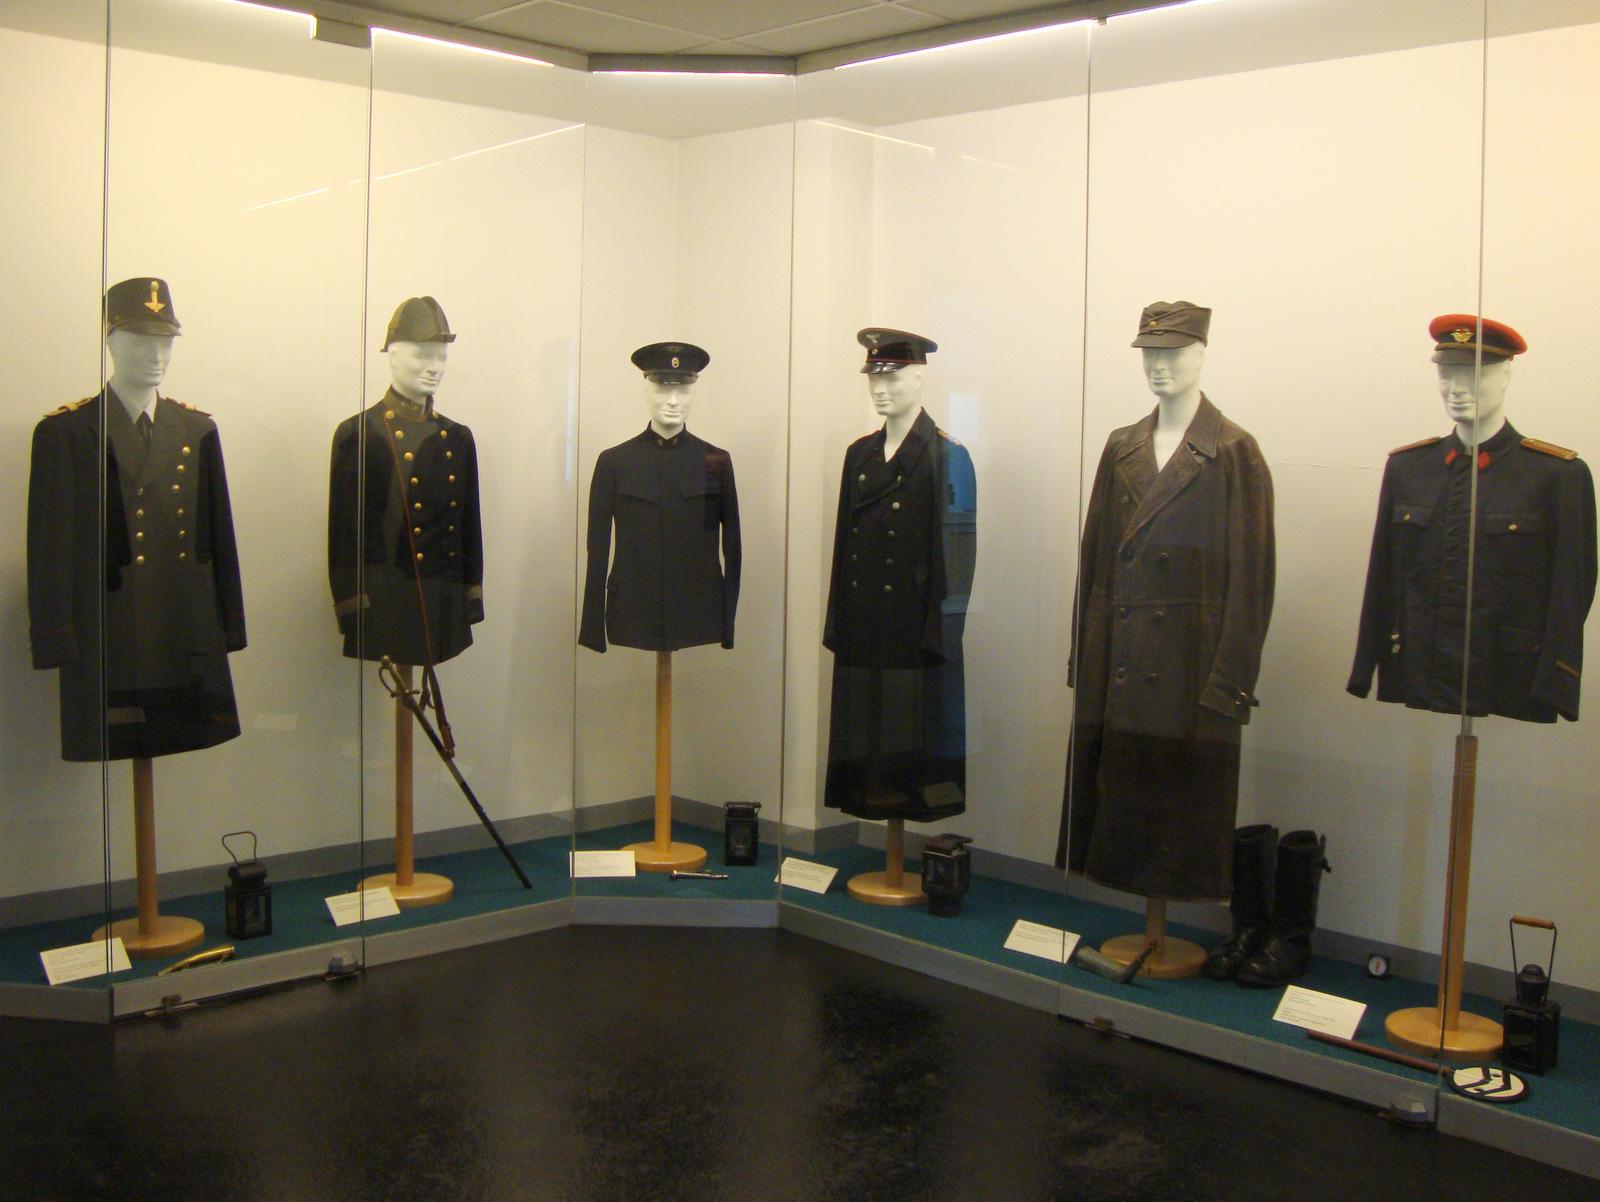 Železničarske uniforme